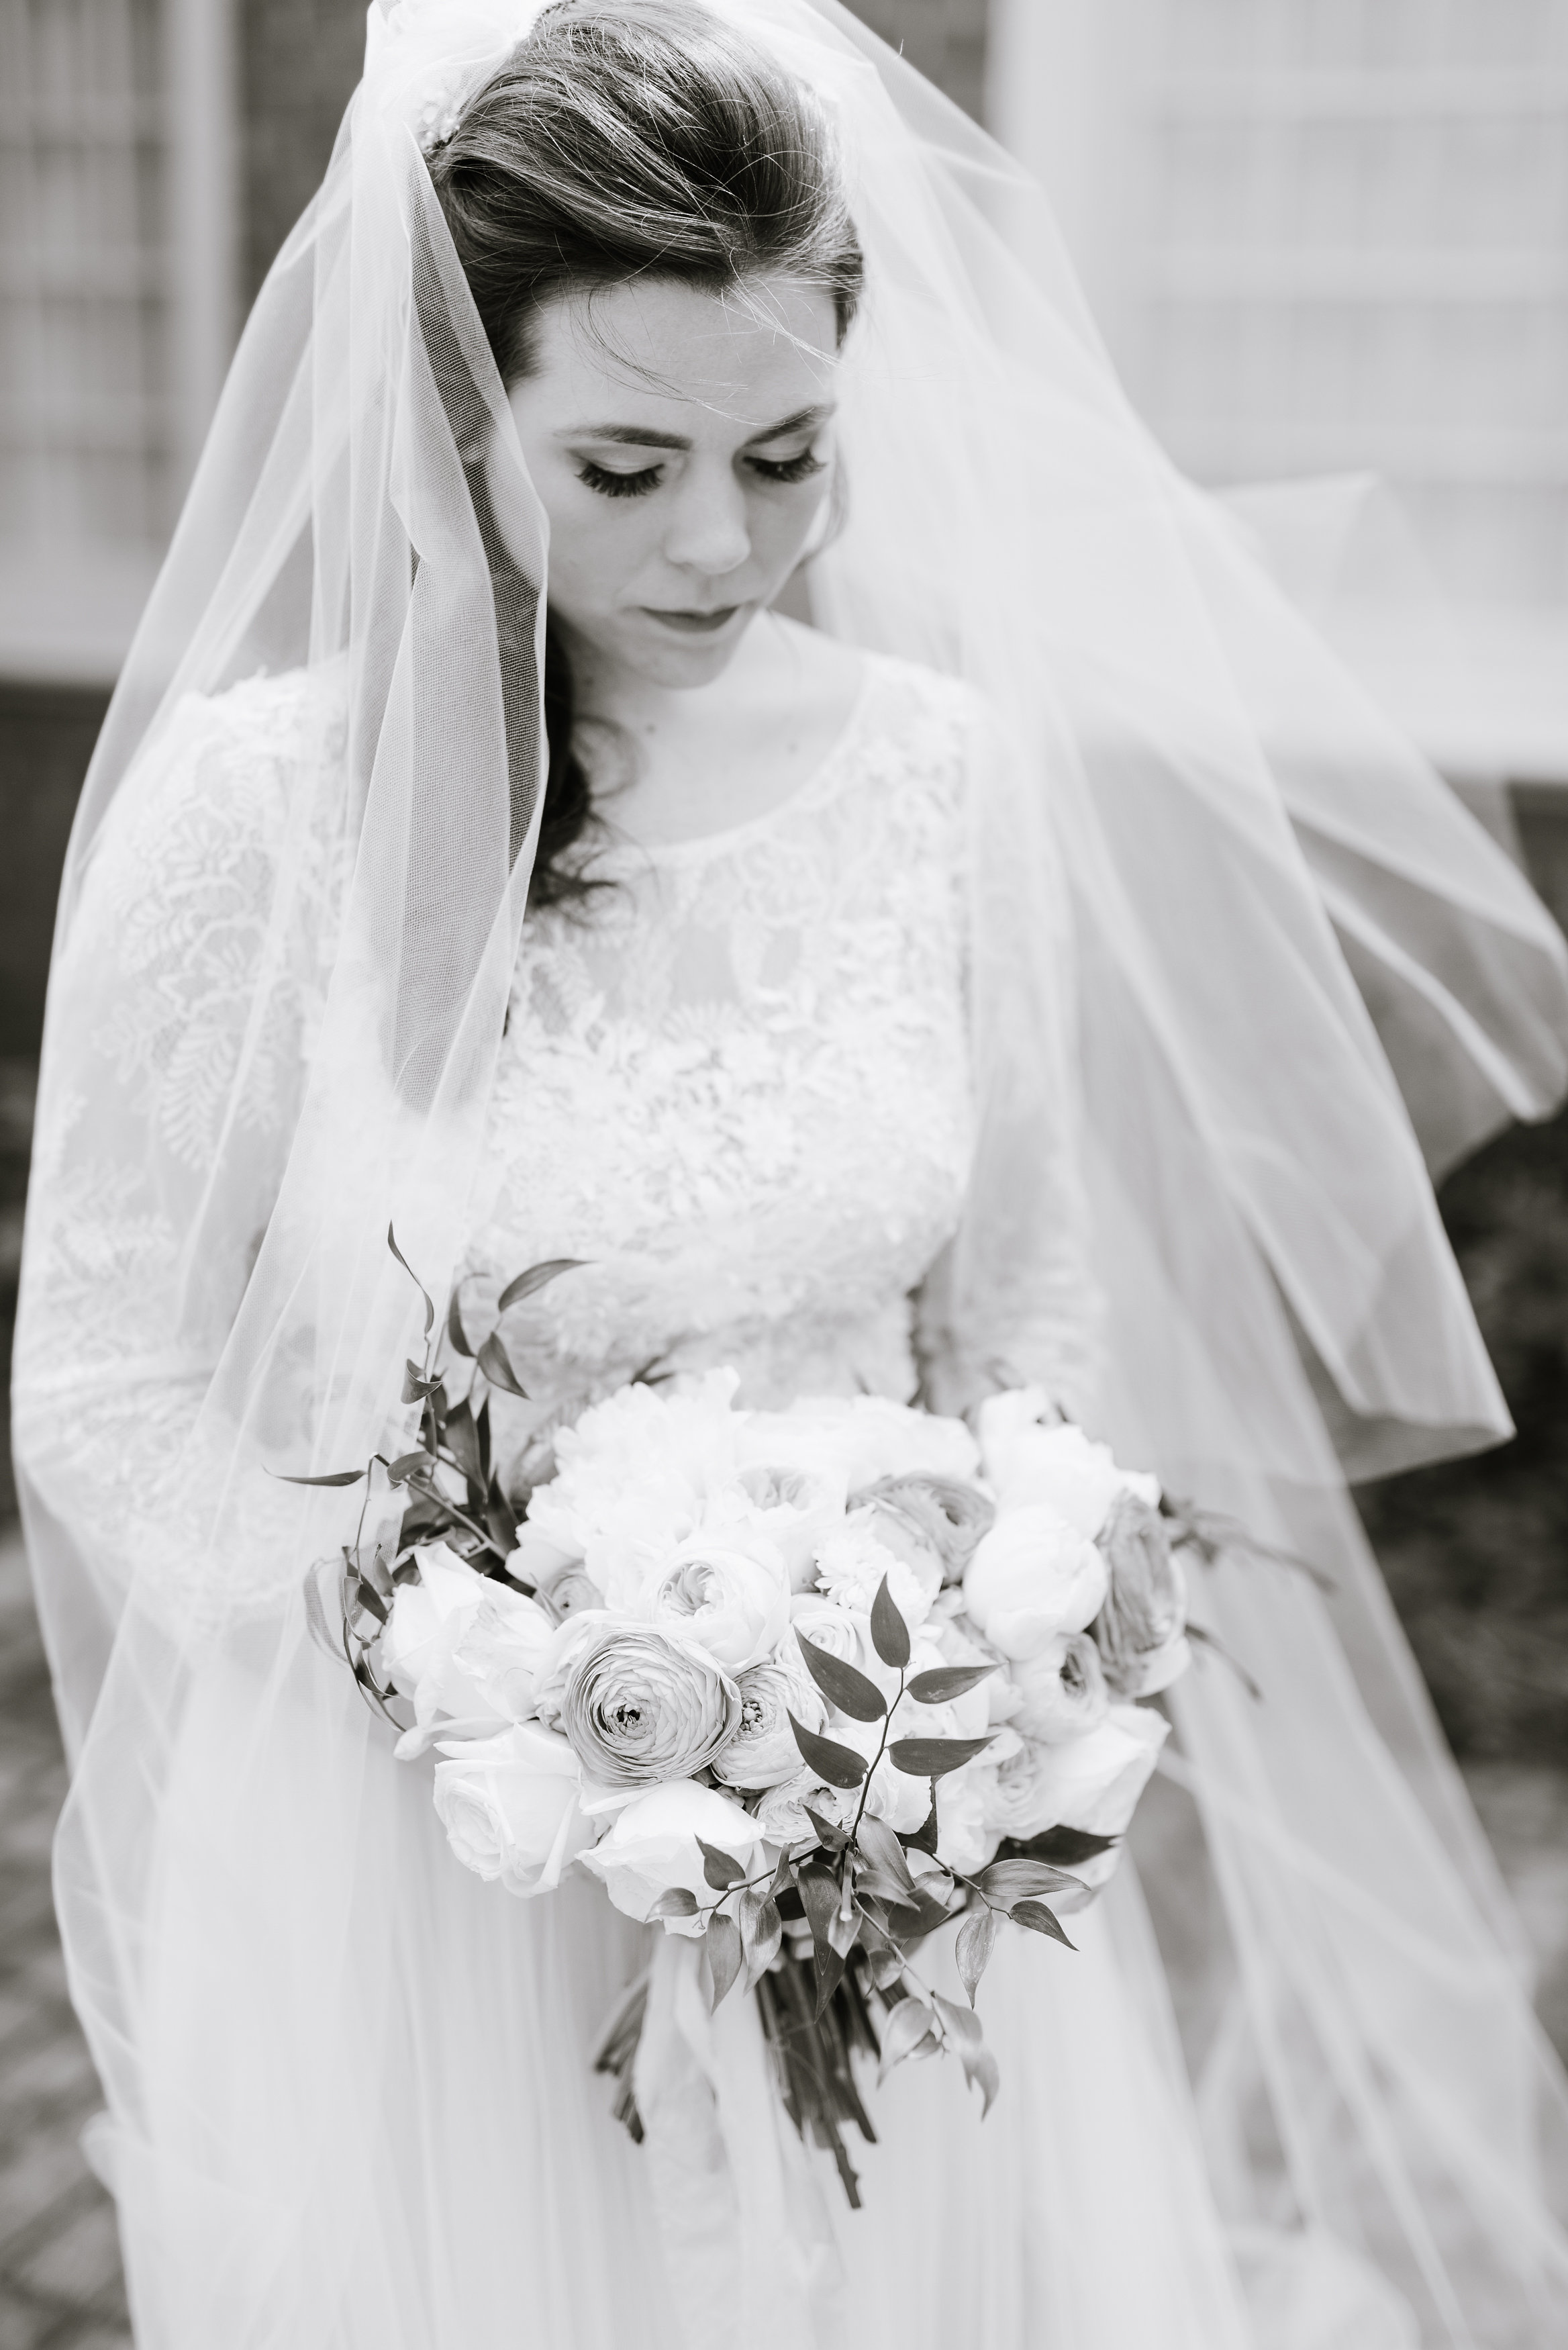 tylar-seth-wedding-753.jpg